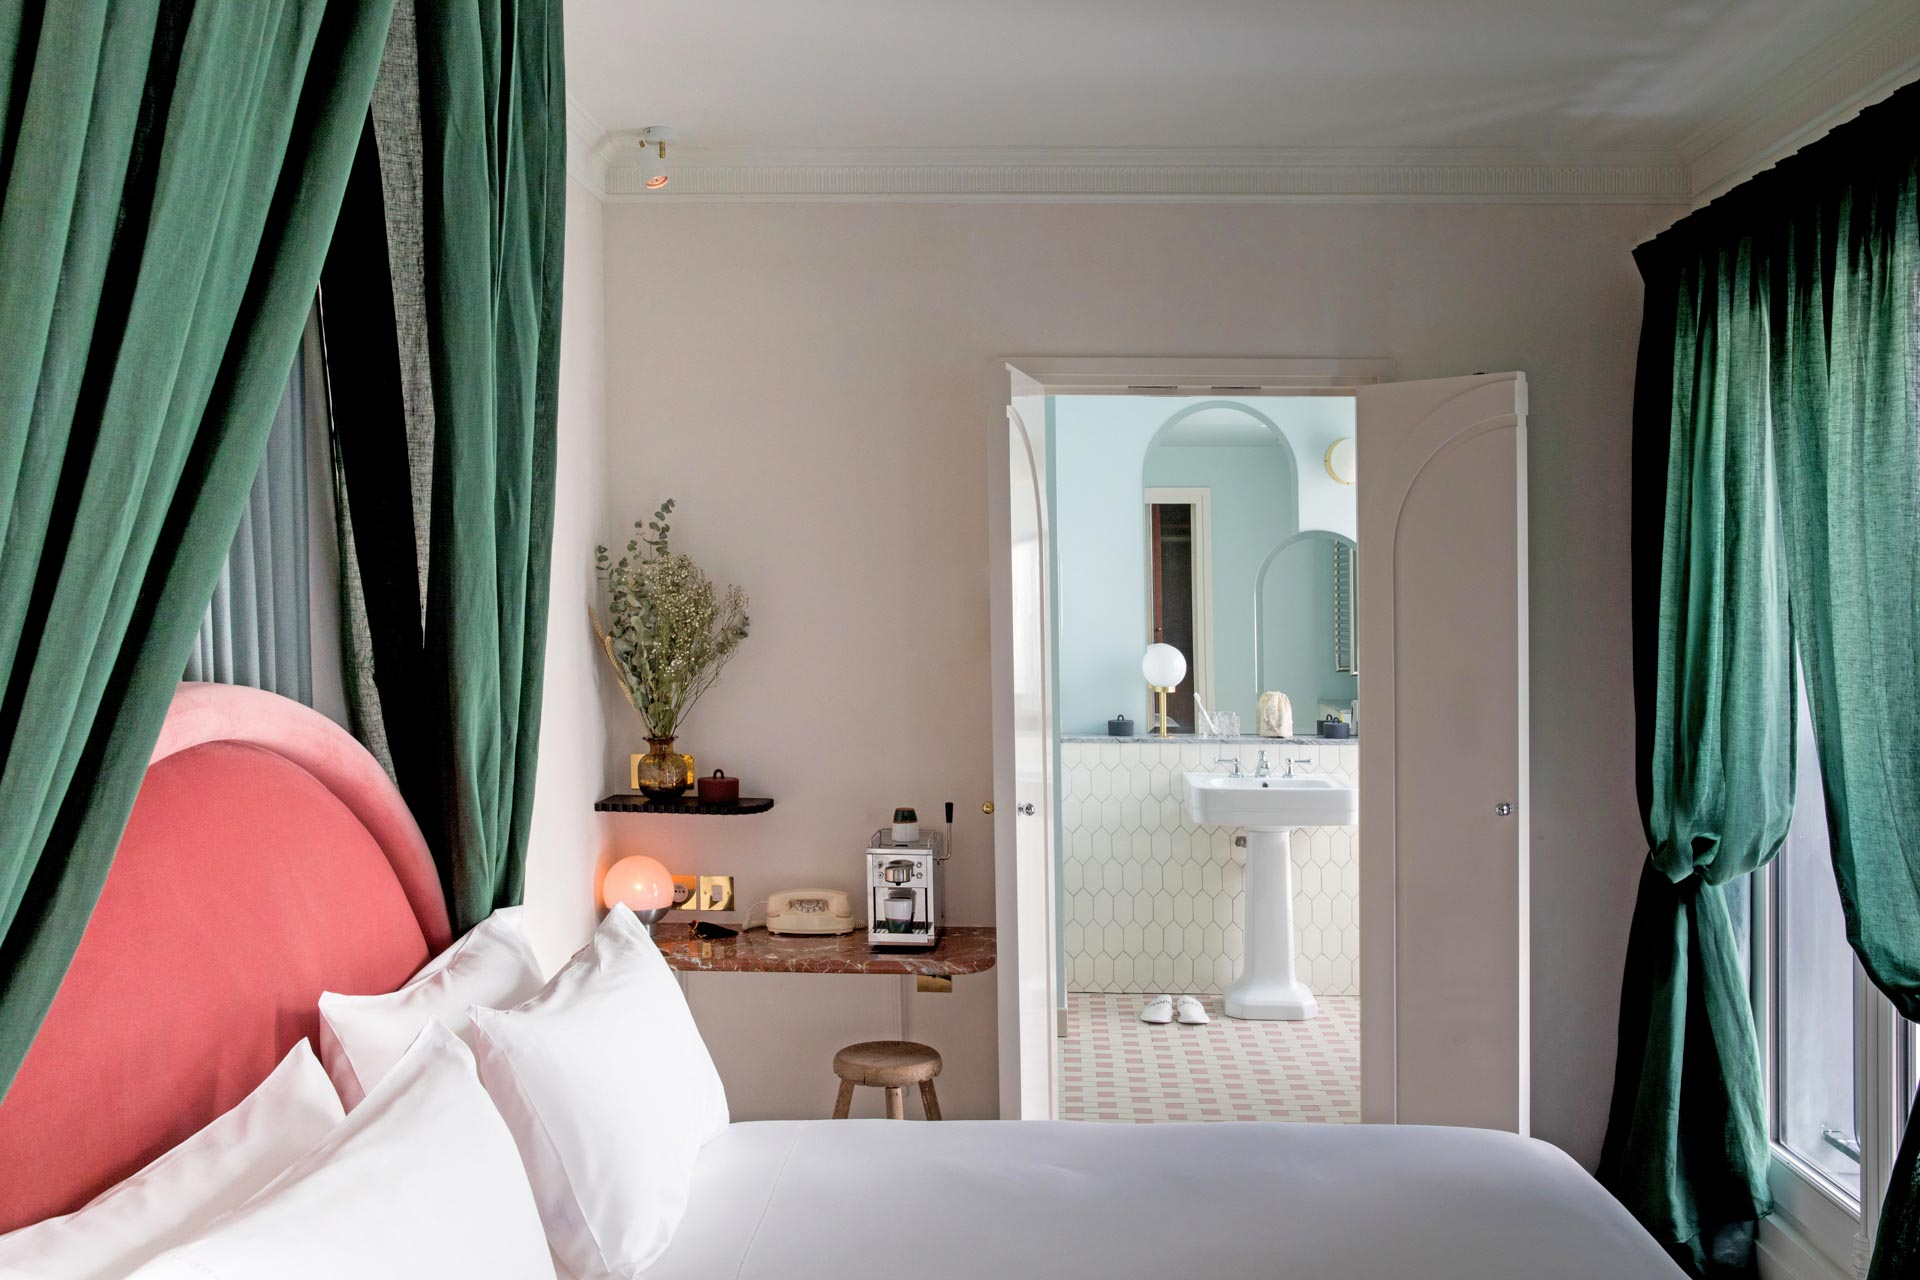 Il y a exactement un an l'Experimental Group inaugurait son second hôtel parisien, le très réussi Hôtel des Grands Boulevards. À l'occasion de son premier anniversaire, l'établissement fait gagner de nombreux cadeaux dans son restaurant et sur Instagram.